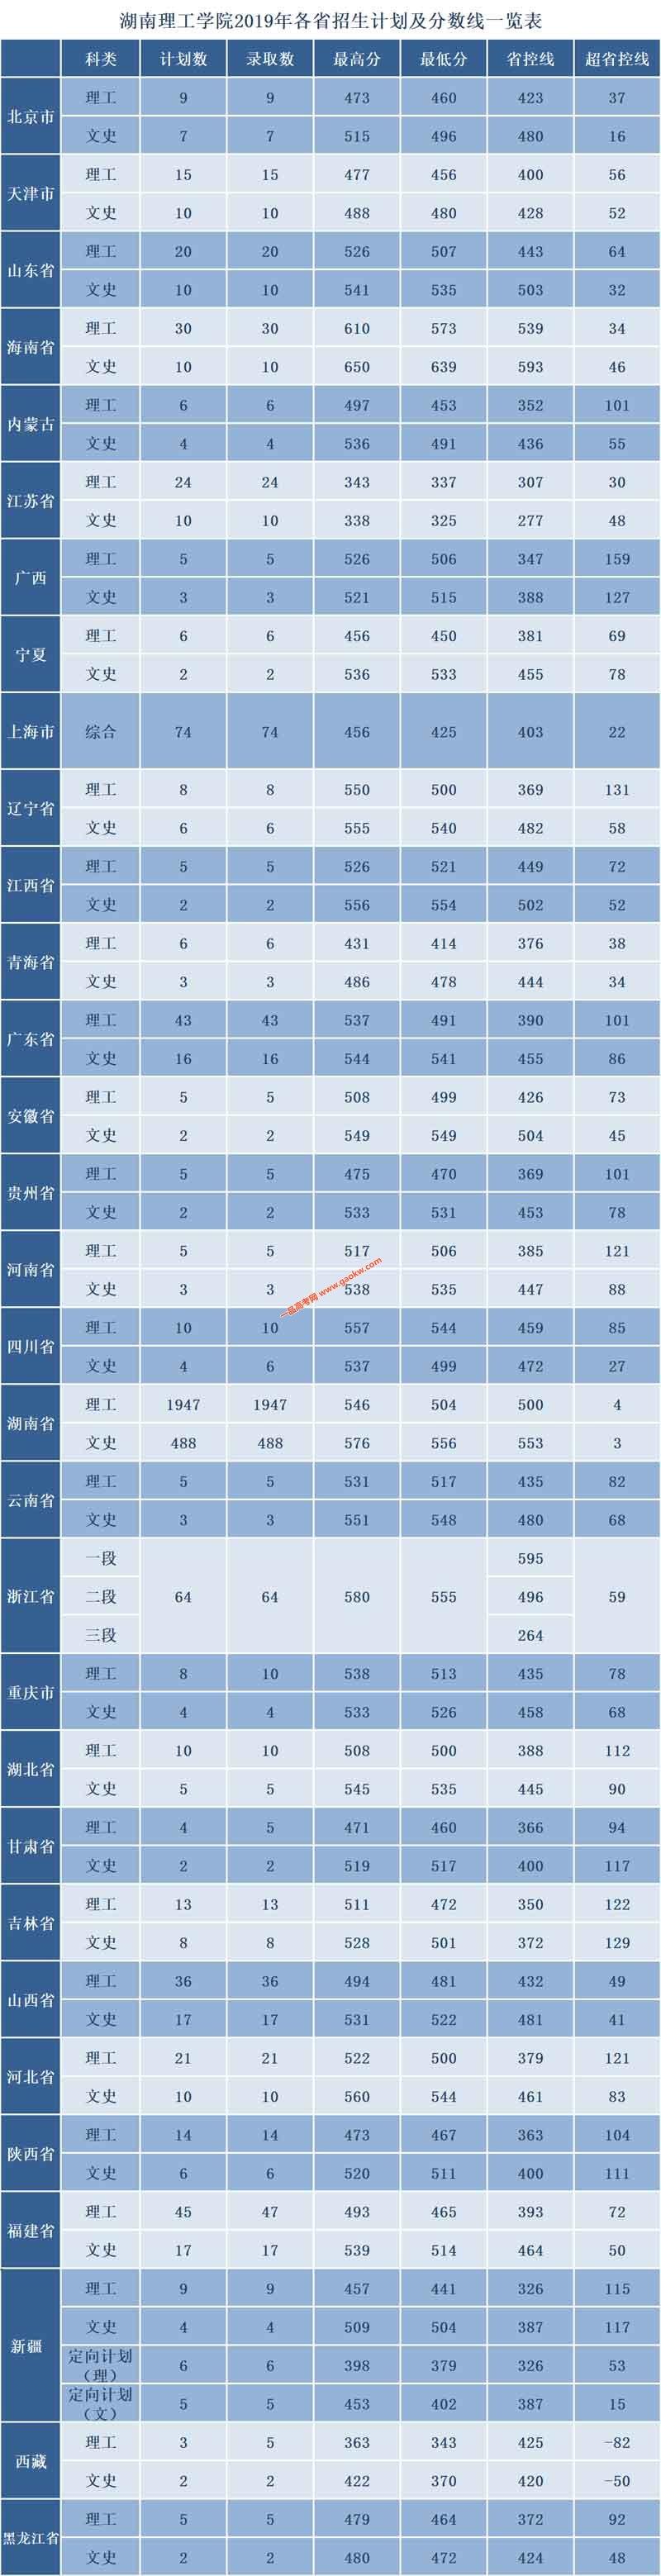 湖南理工学院2019年录取分数线